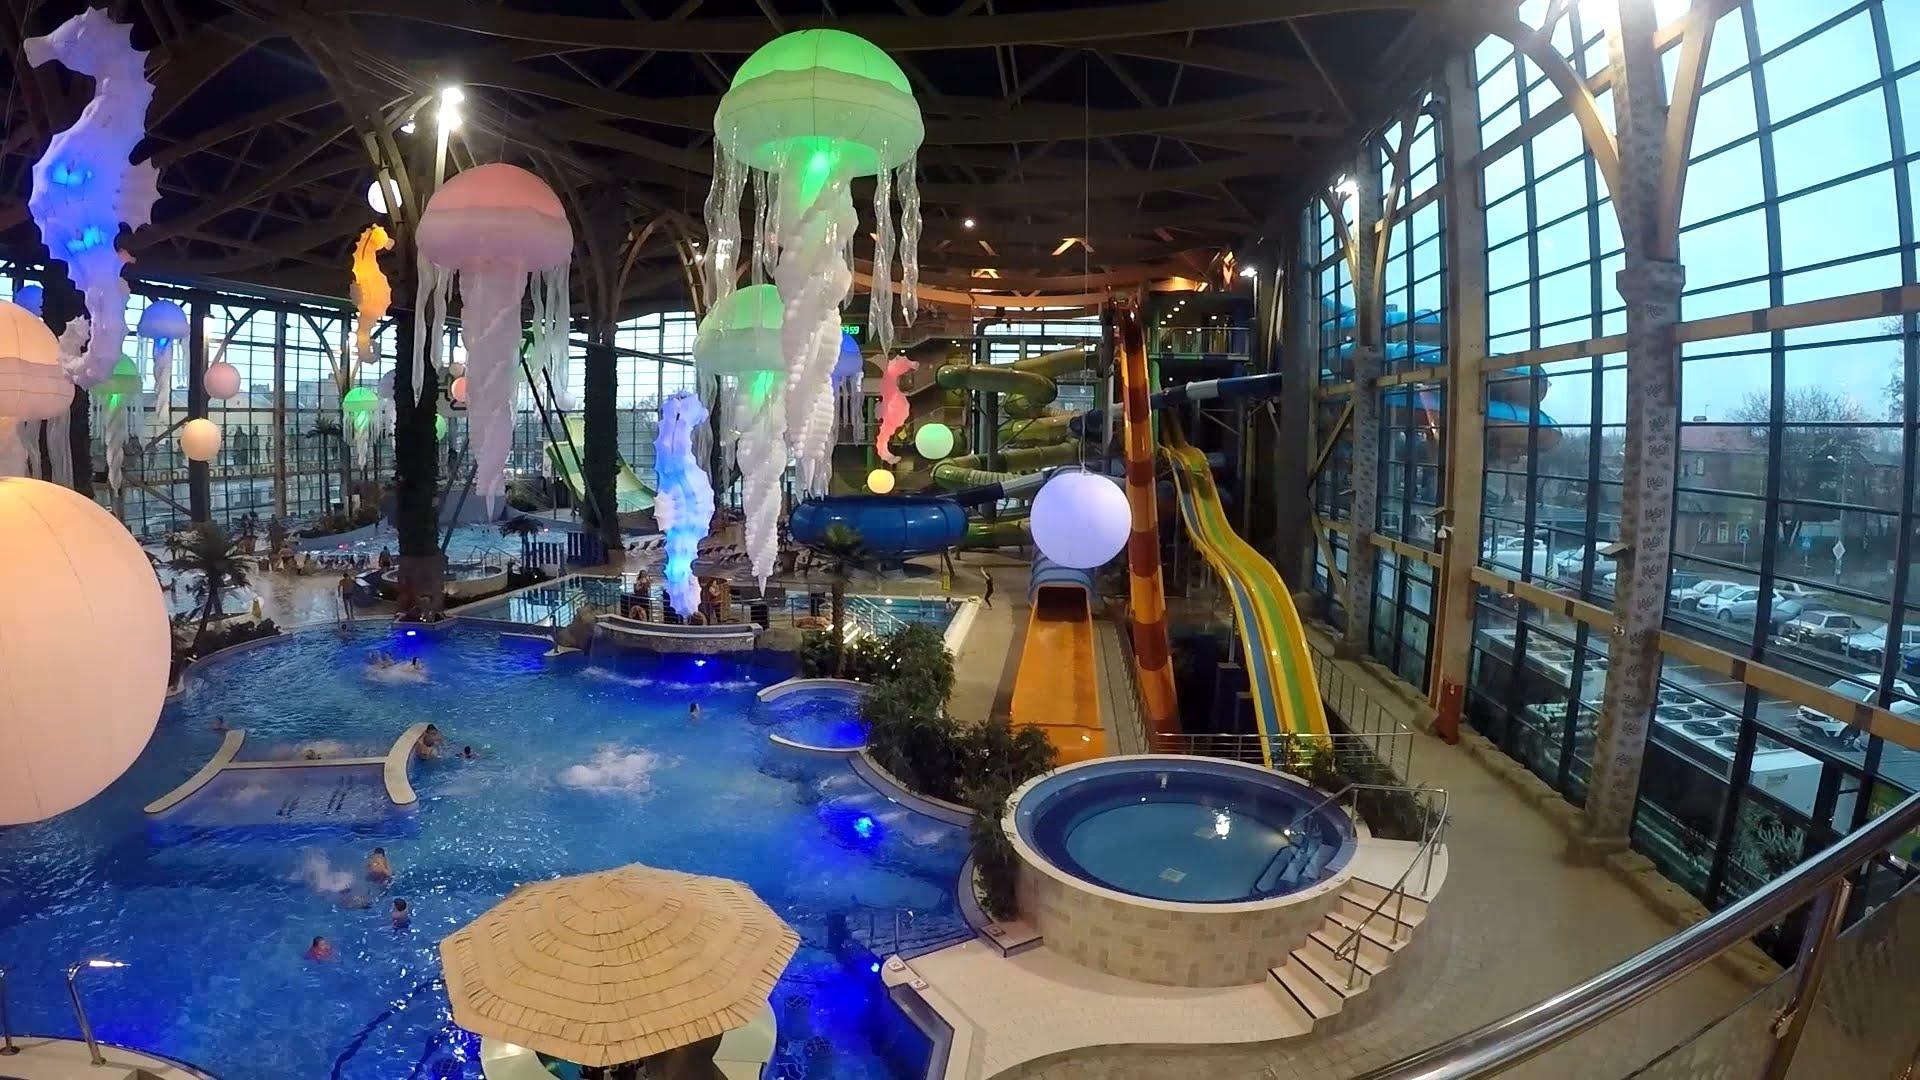 494918bdb231 Аквапарк H2O - зоны аквапарка, бассейны, детский клуб, торговая ...